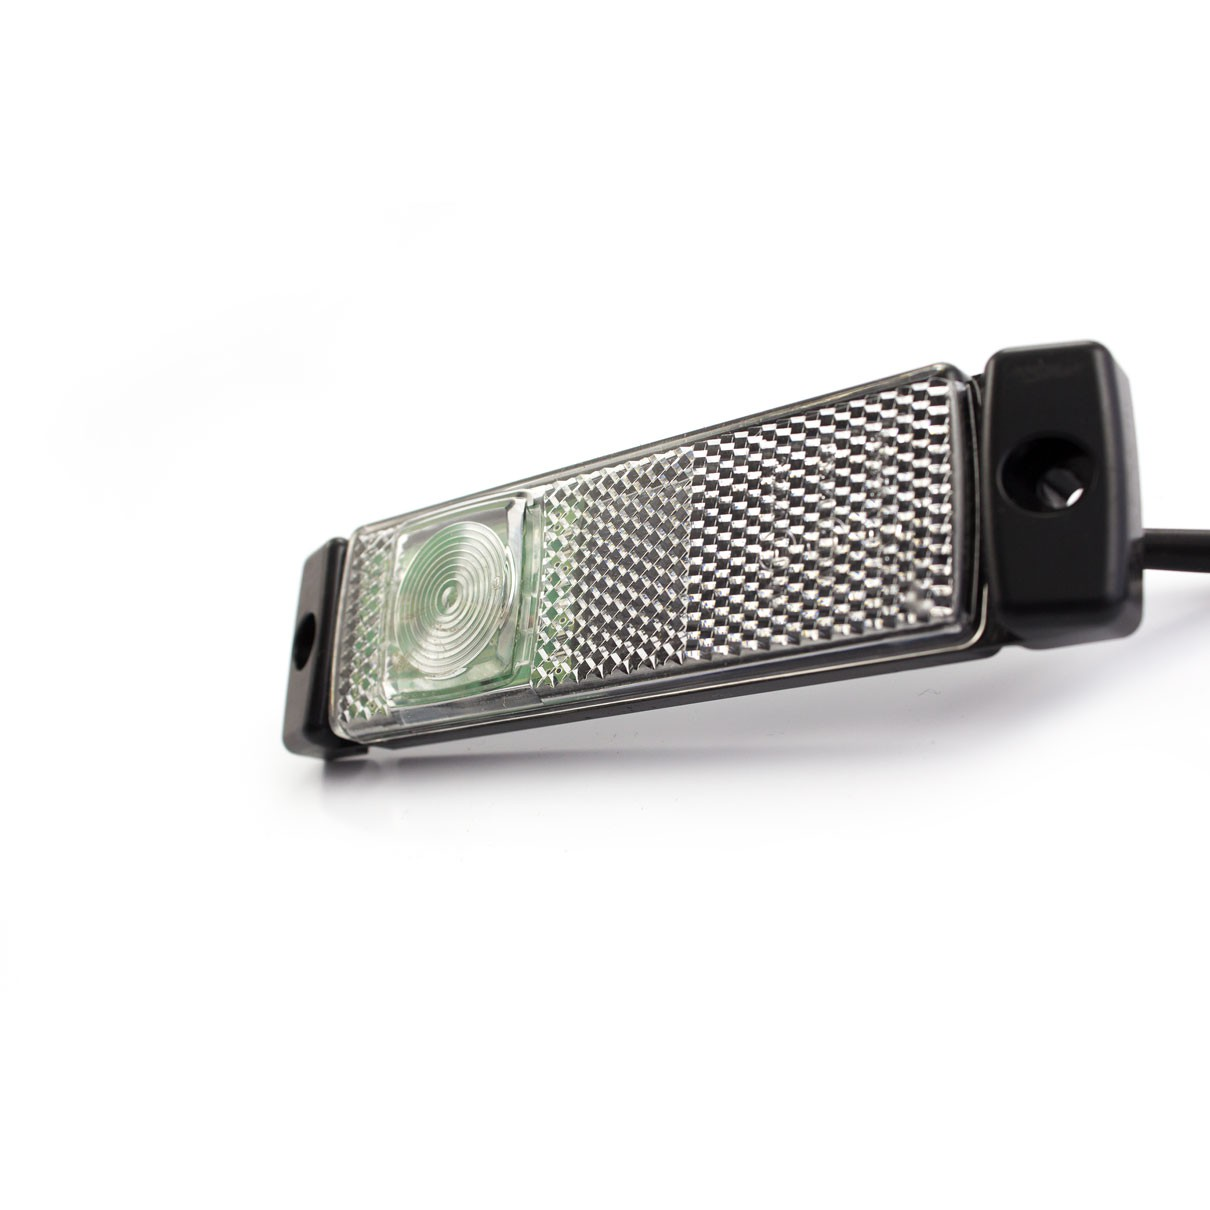 Led plat wit markeringsverlichting verlichting for Hella verlichting